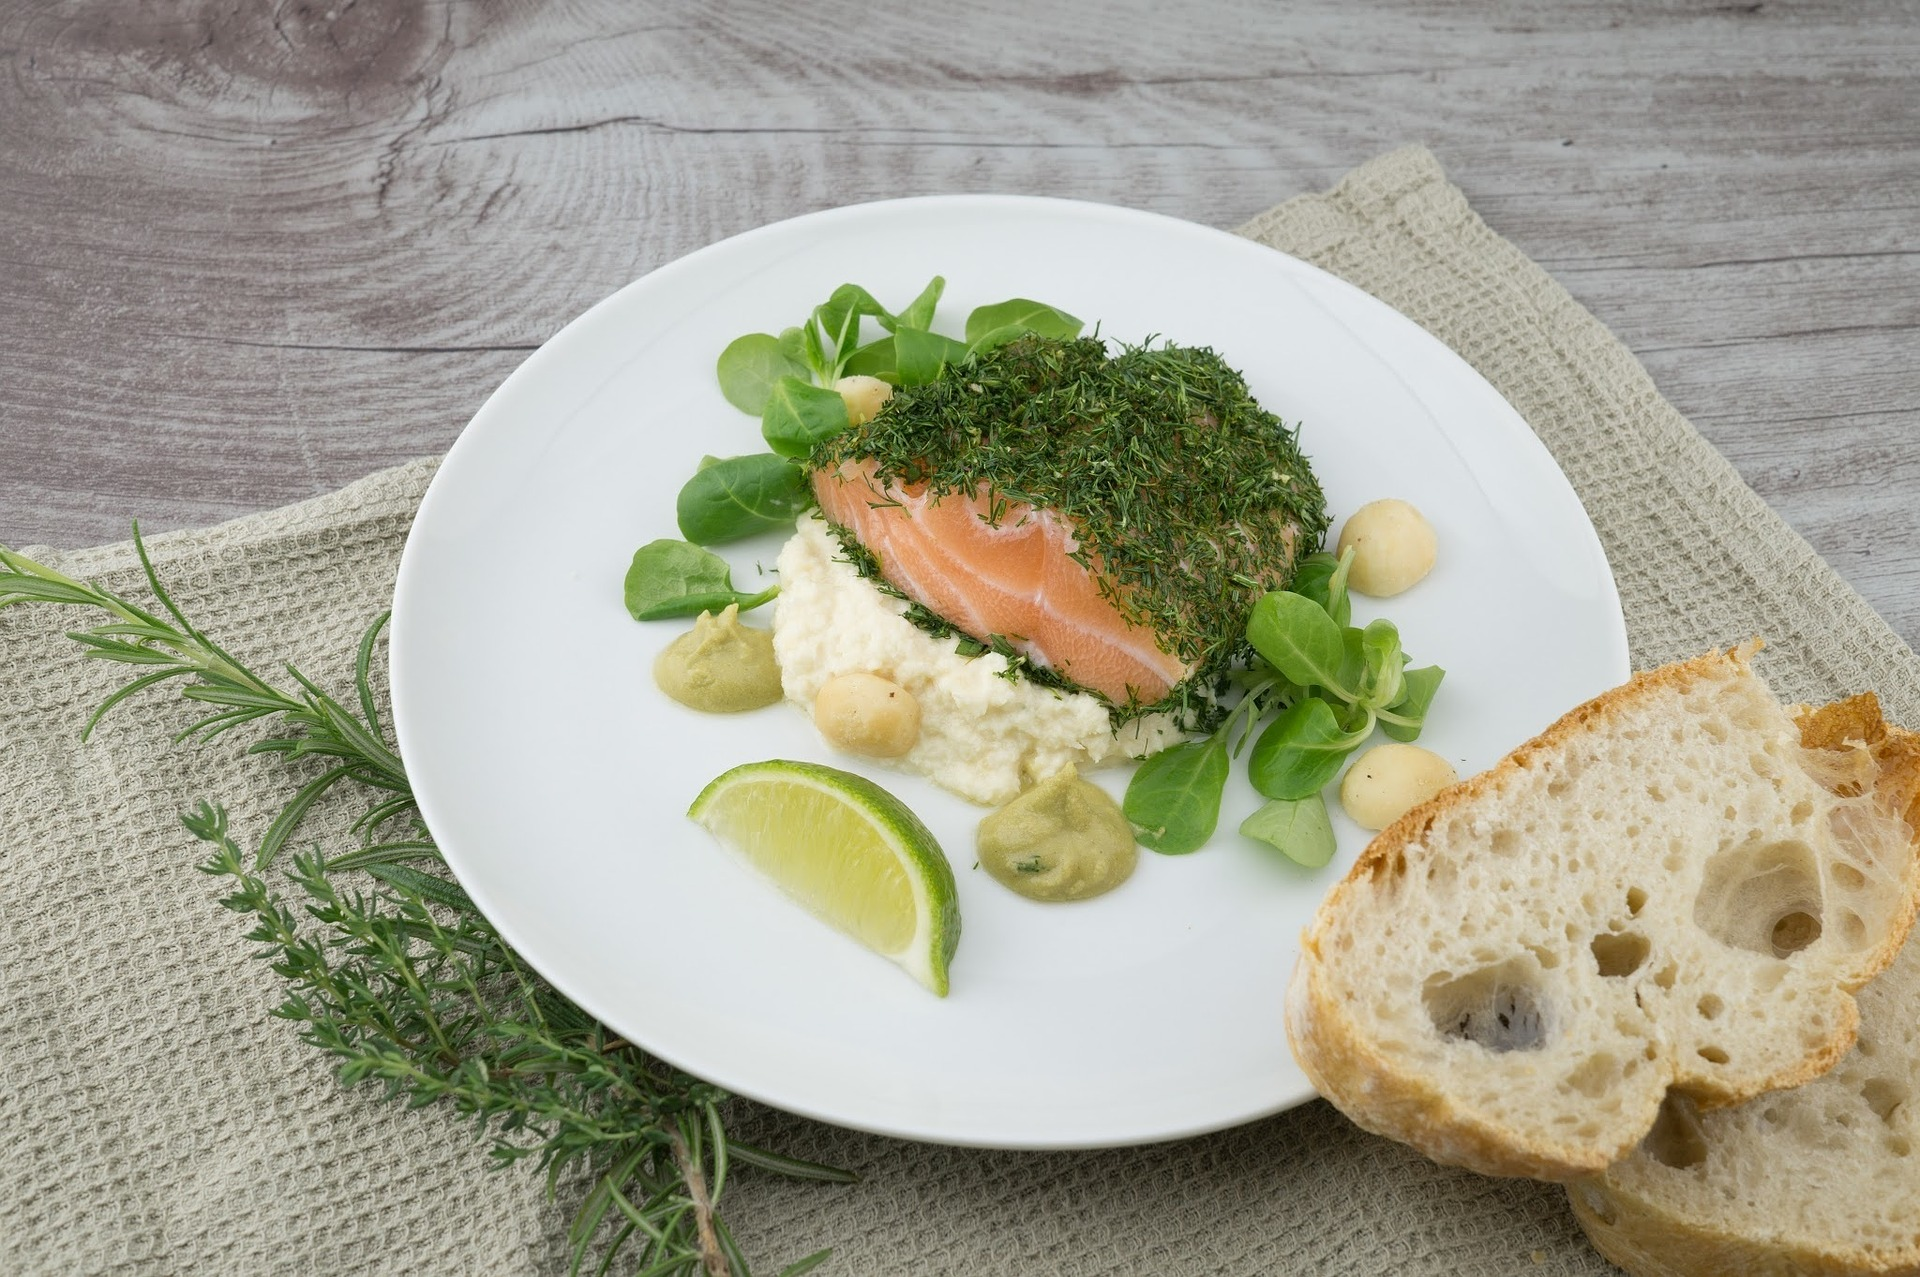 Dieta detox, menù disintossicante per 1, 3, 5, 7 e 15 giorni